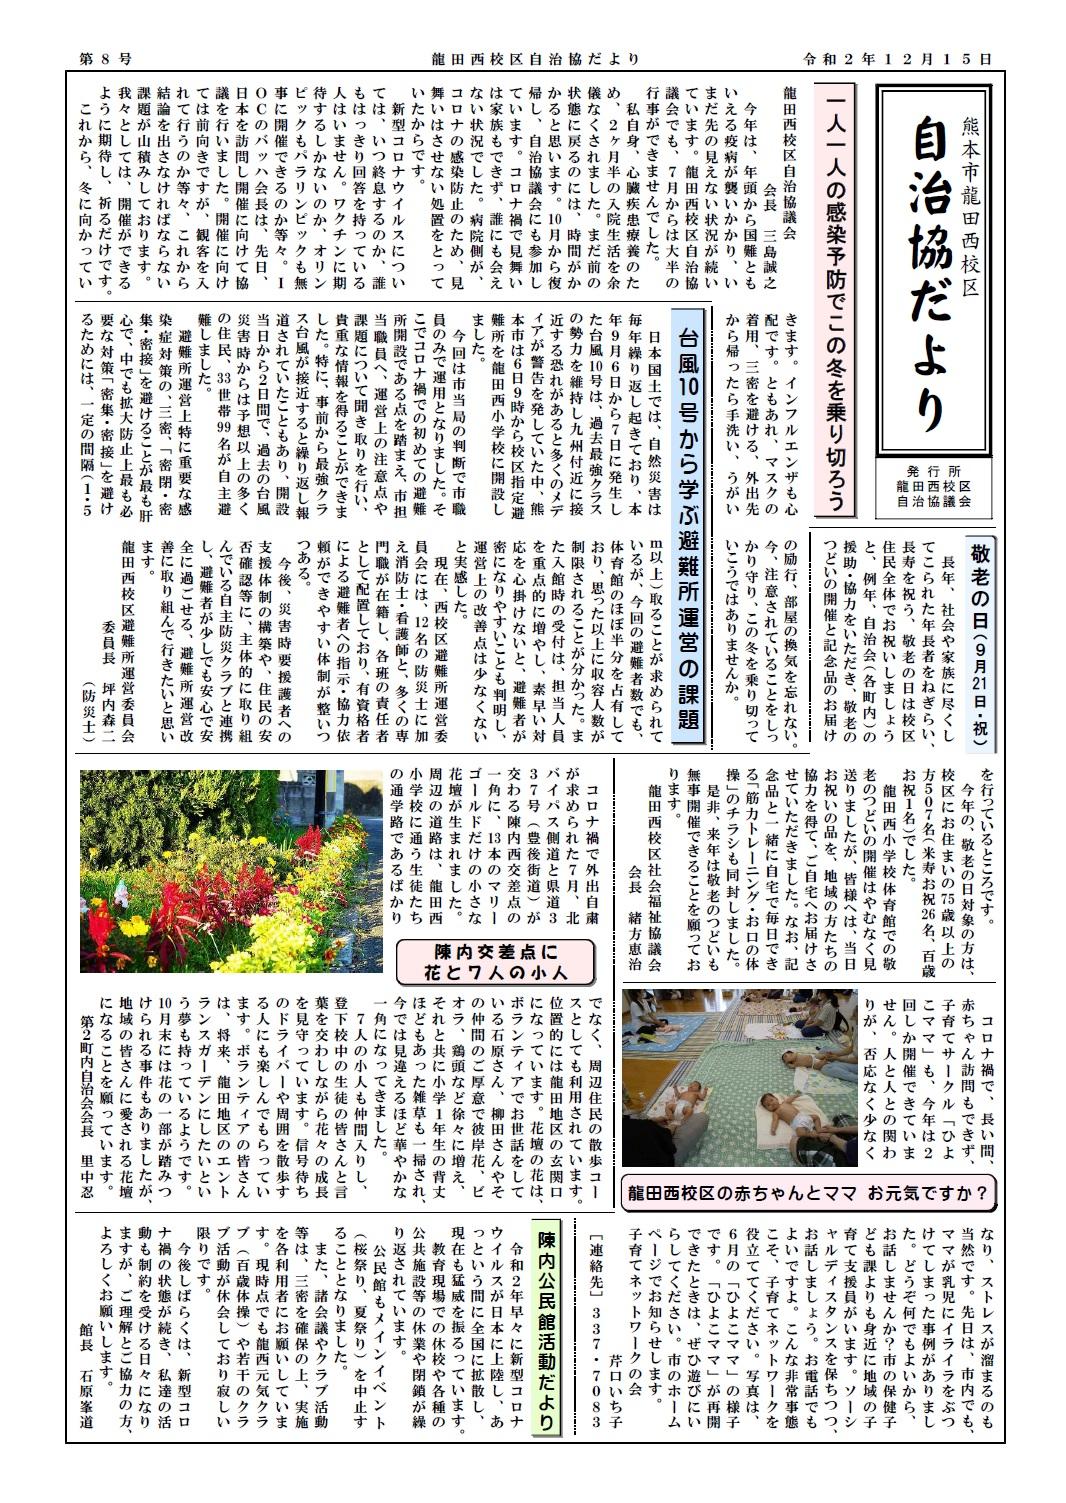 龍田西校区自治協だより第8号(令和2年12月15日号)表